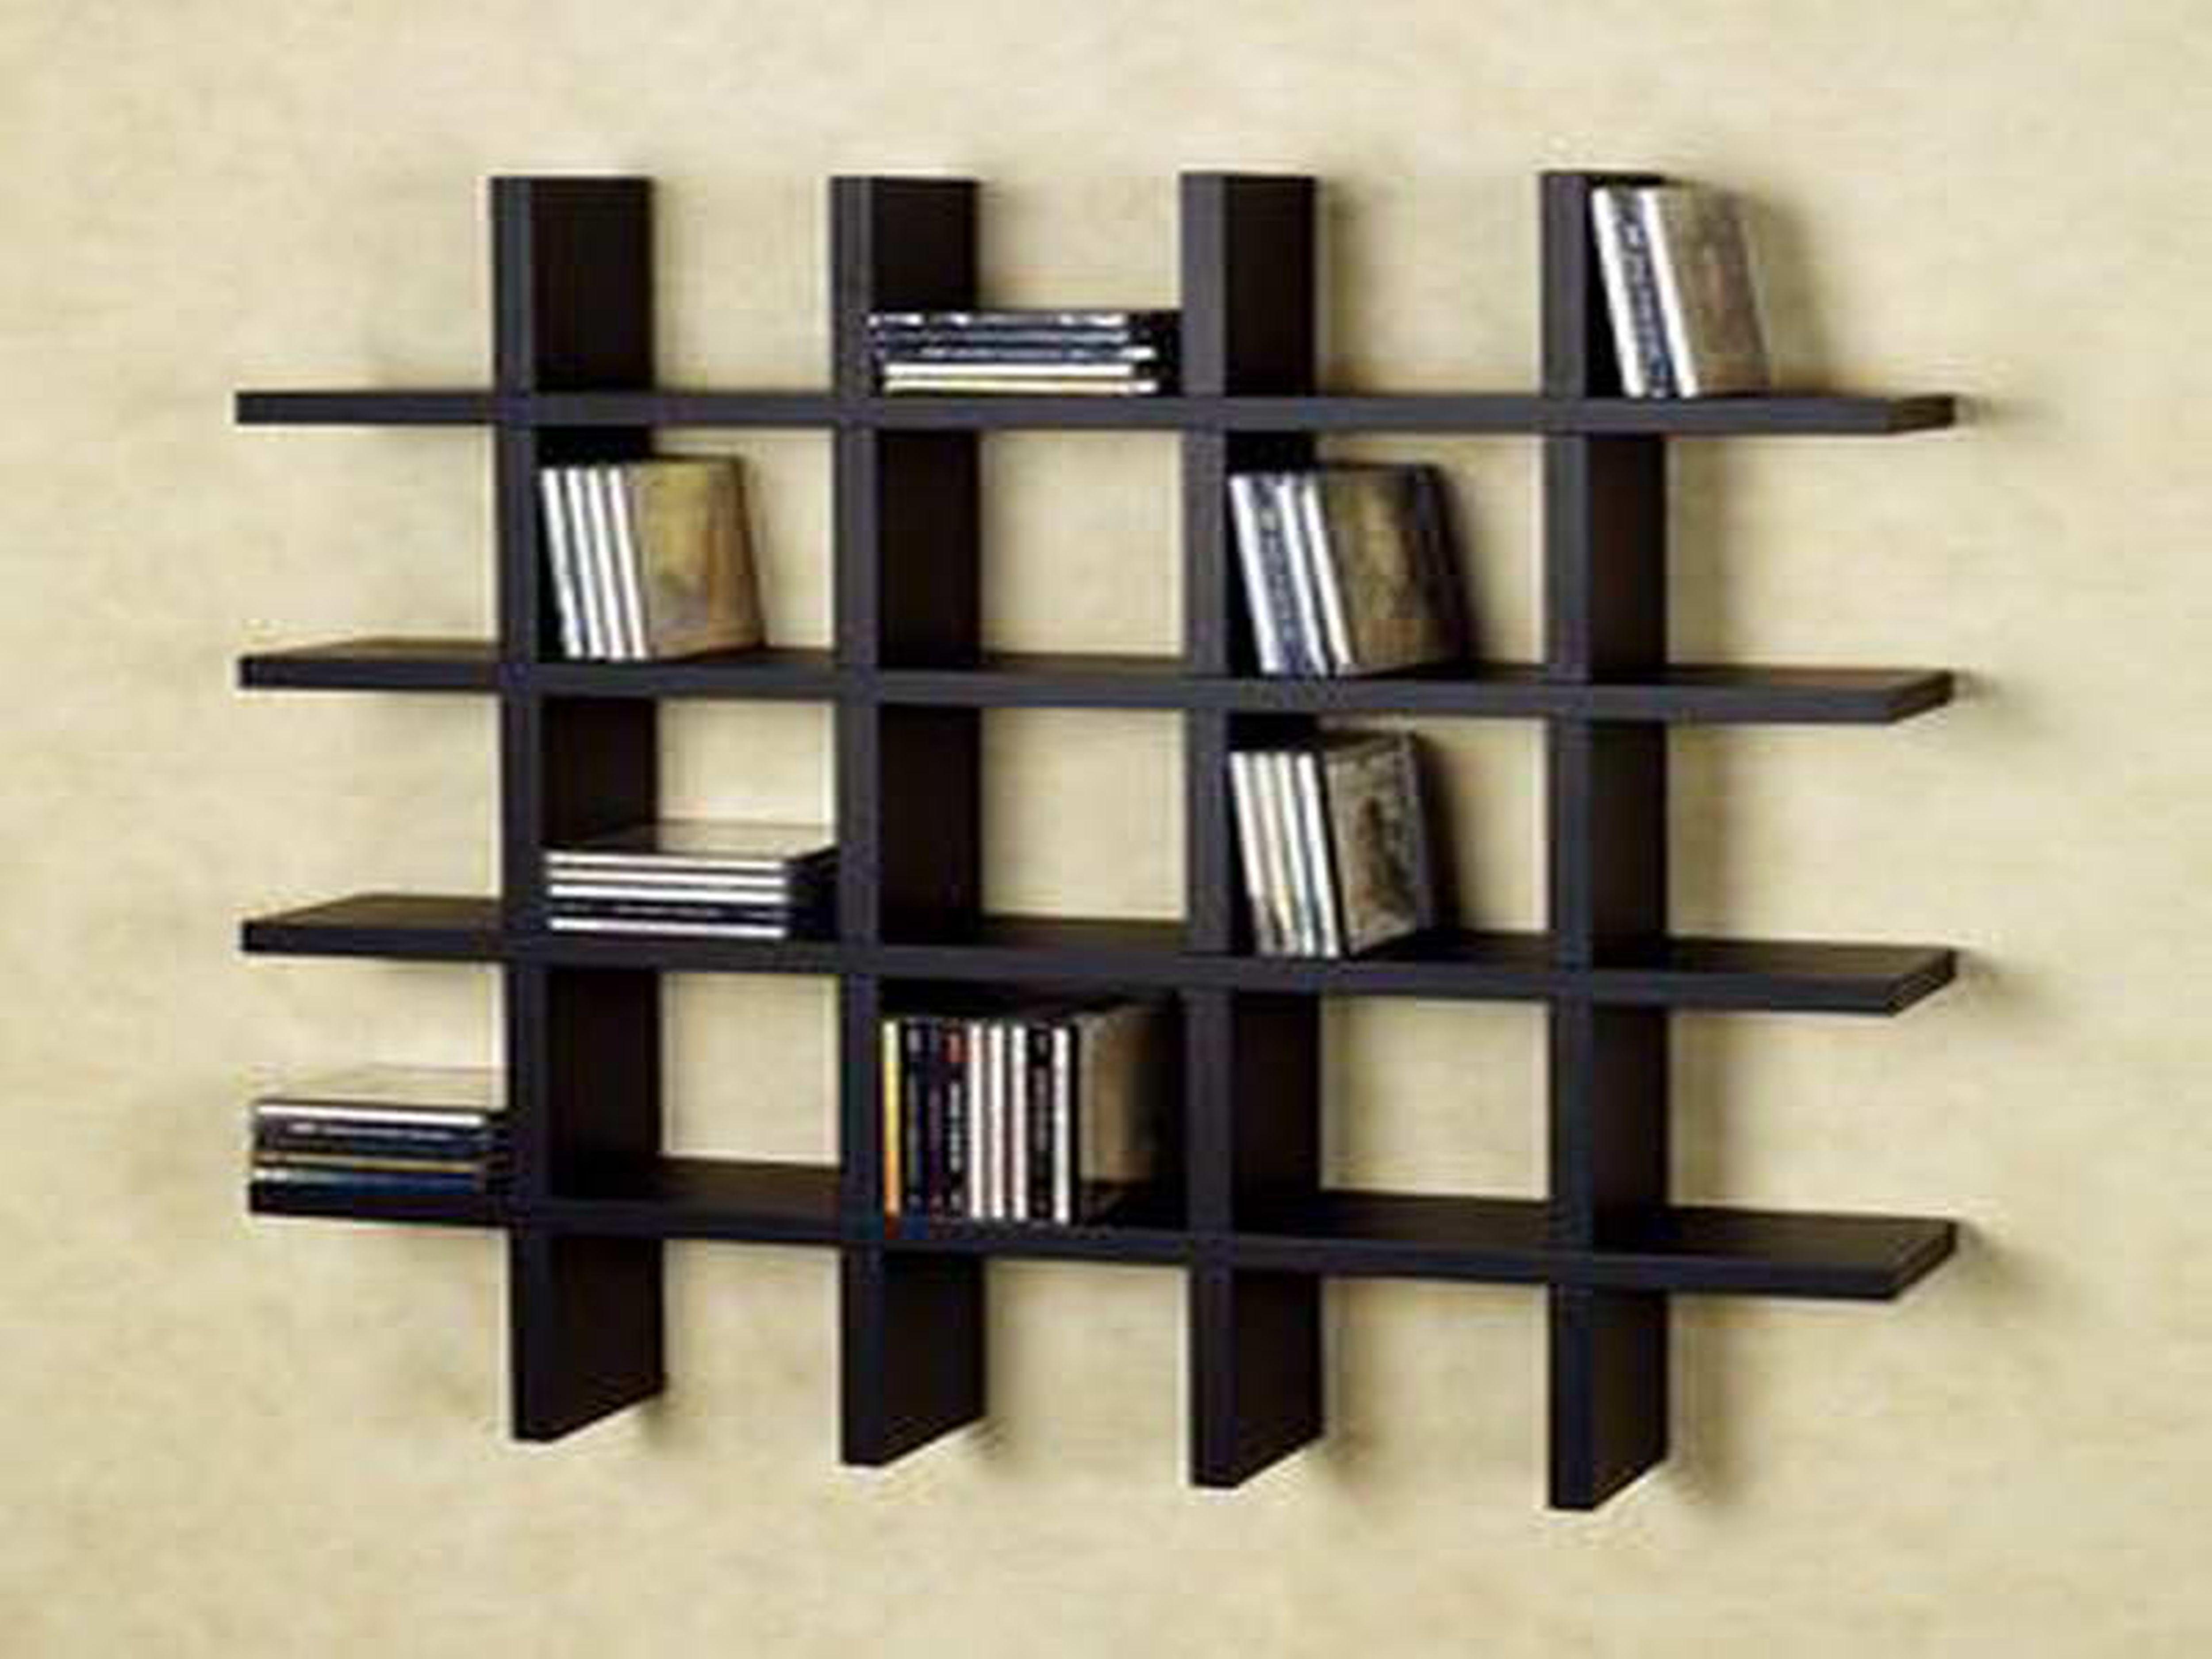 Shelf Design With Bookshelves Designs For Home (#15 of 15)